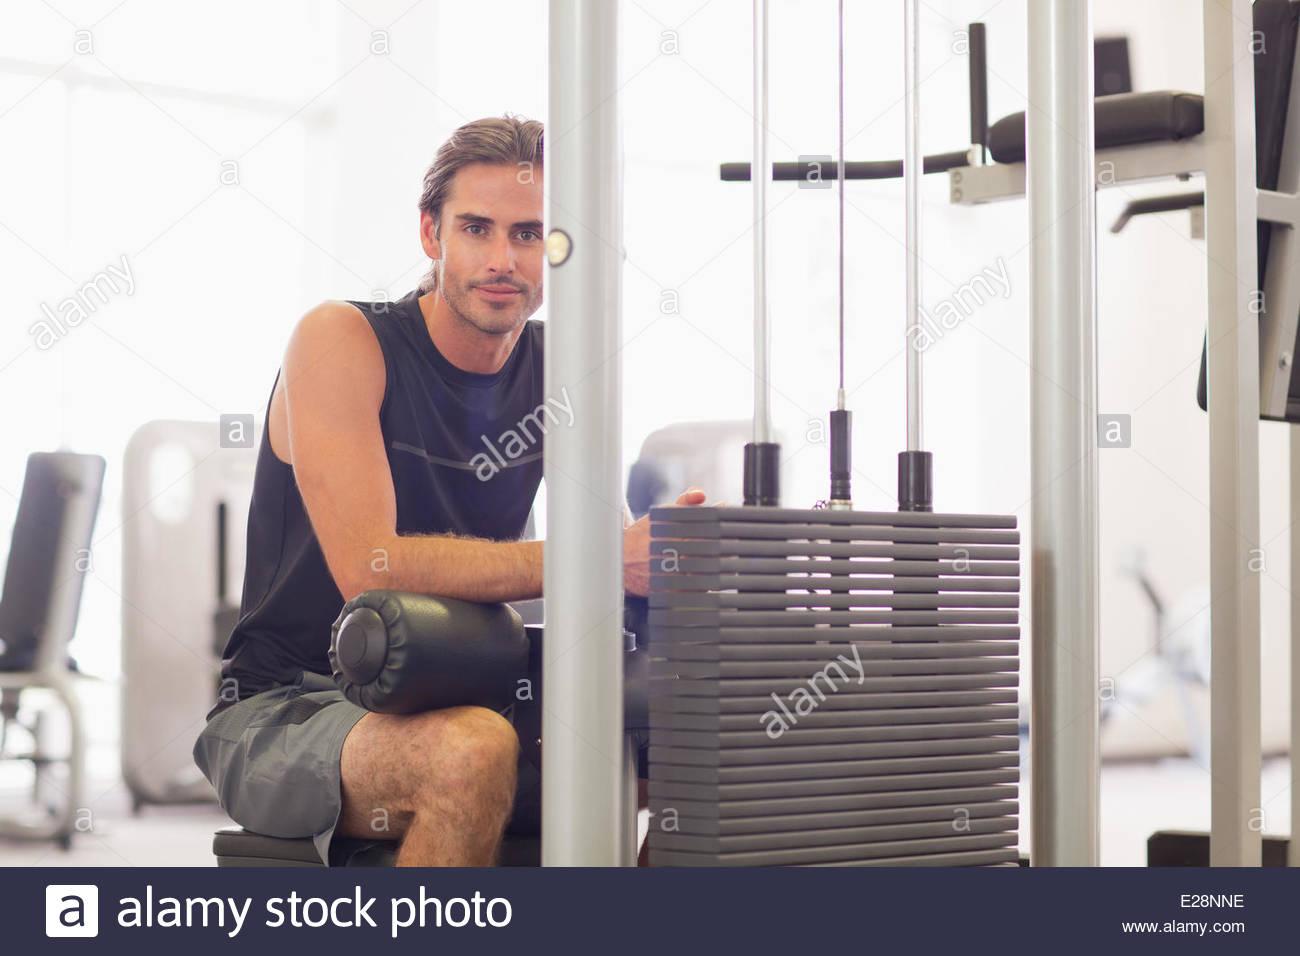 Porträt von lächelnder Mann mit Trainingsgeräten im gymnasium Stockbild